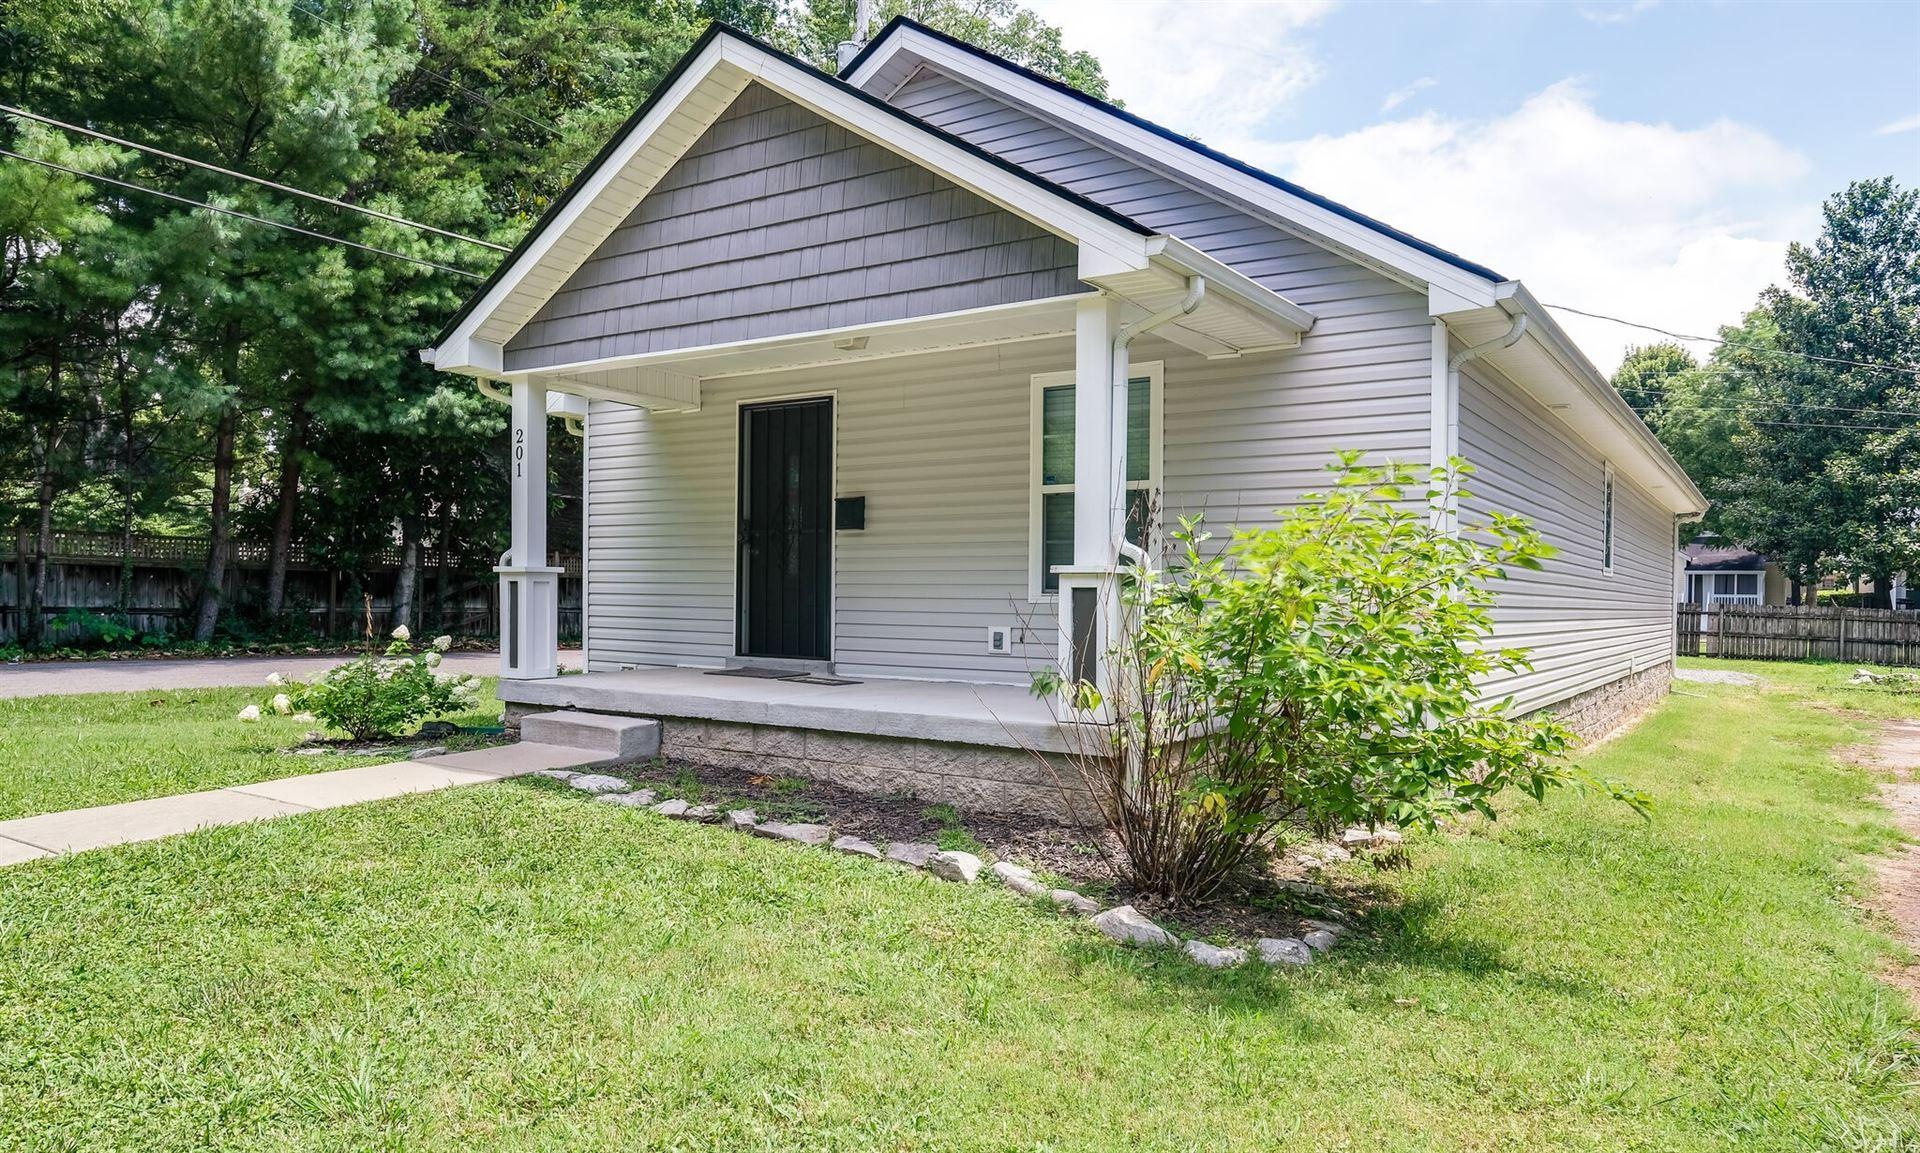 201 Kerr Ave, Murfreesboro, TN 37130 - MLS#: 2175282